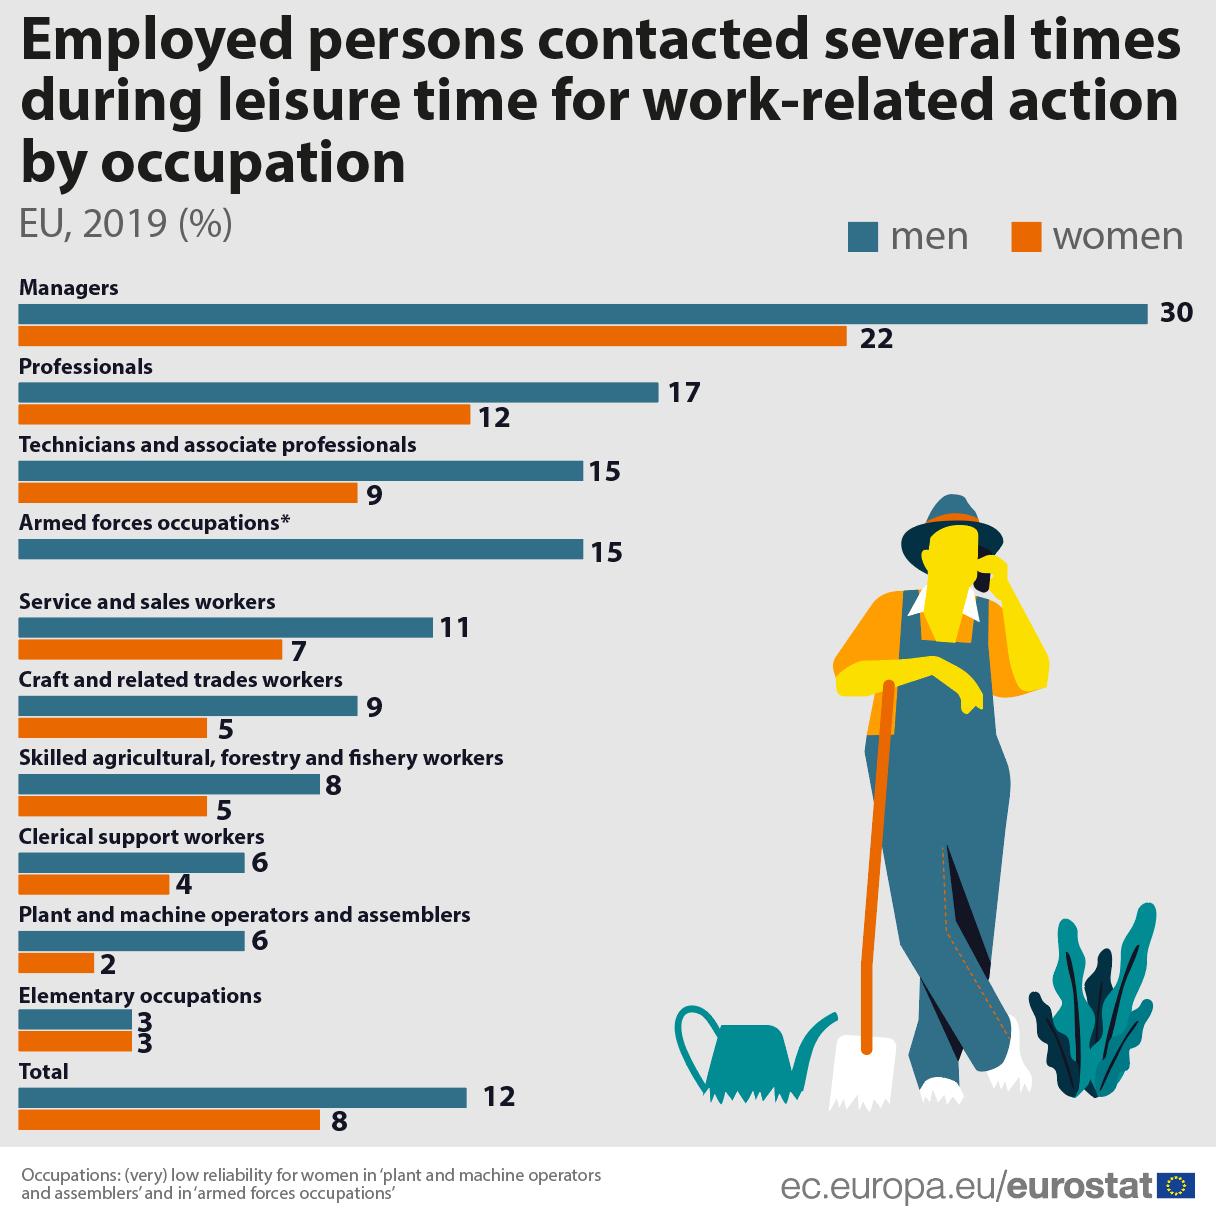 Nadređeni češće kontaktiraju muškarce van radnog vremena 3